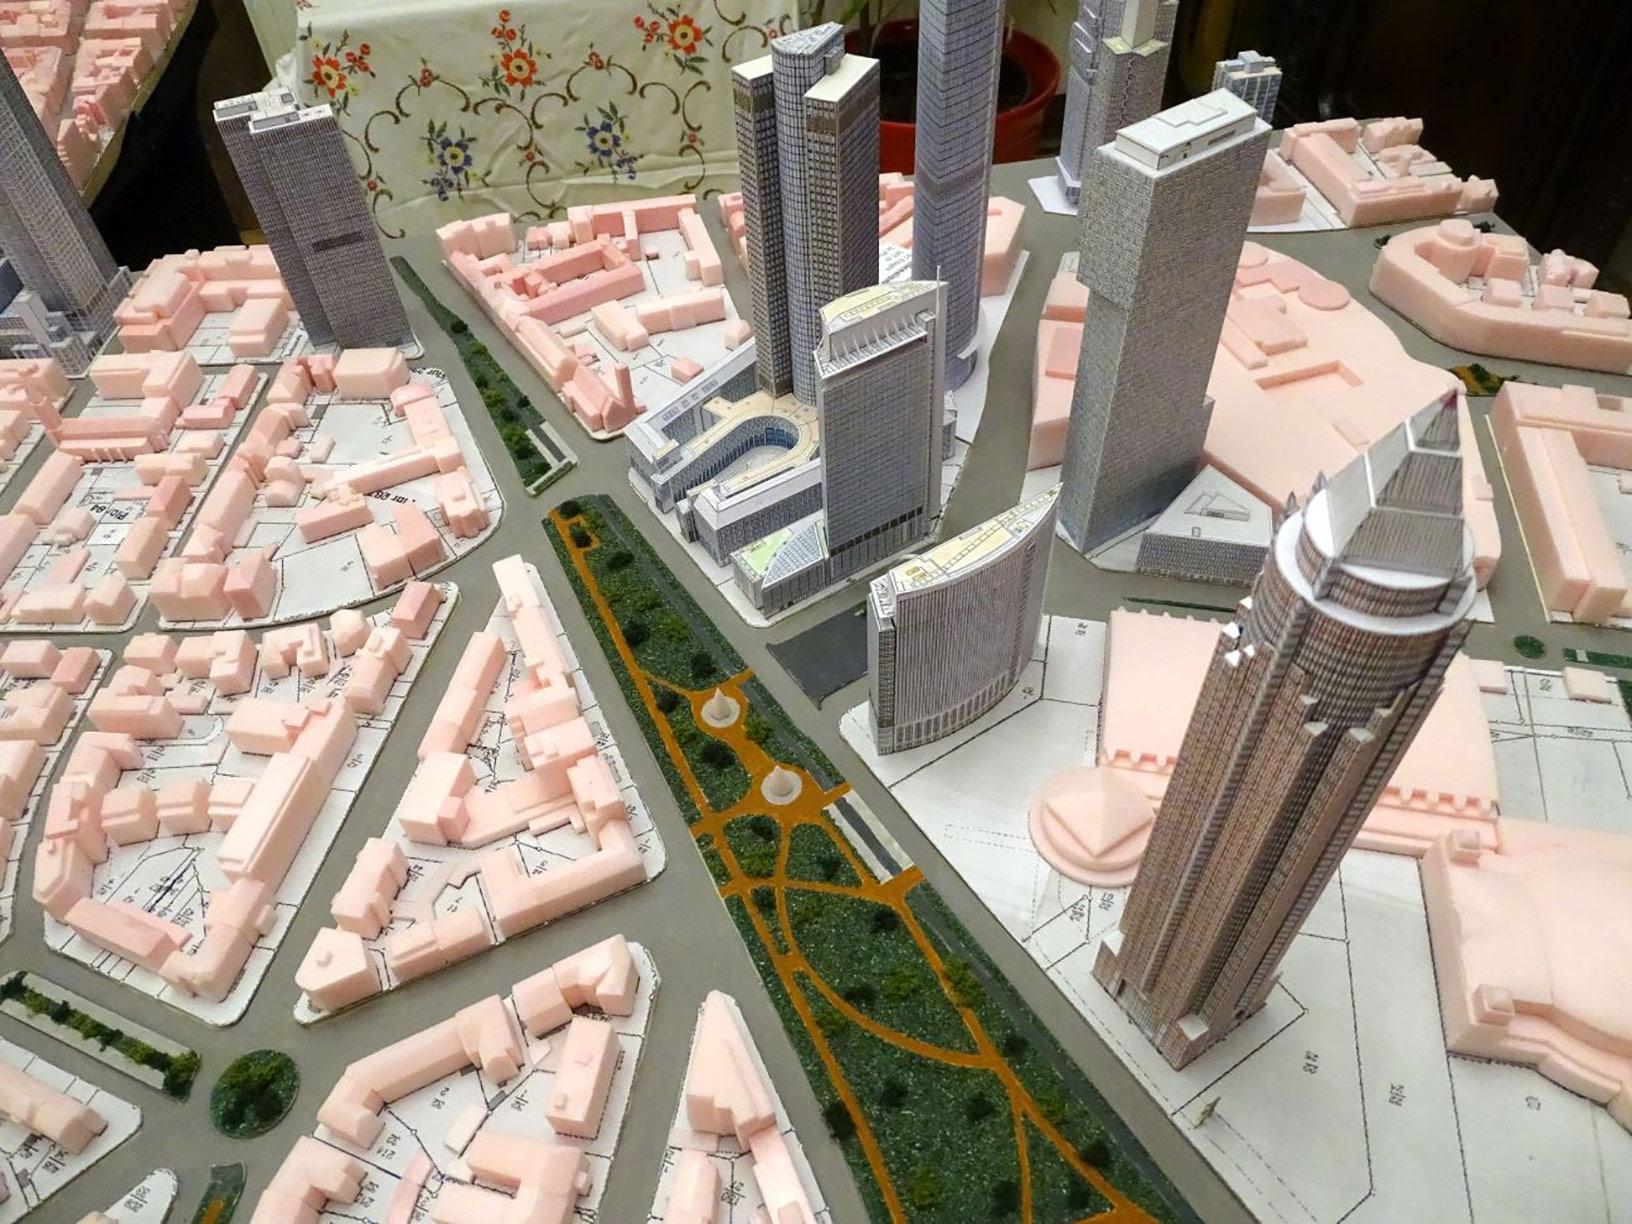 Modell vom Europaviertel - Messeviertel Hochhäuser - Modell der Stadt Frankfurt von Frank Reuter